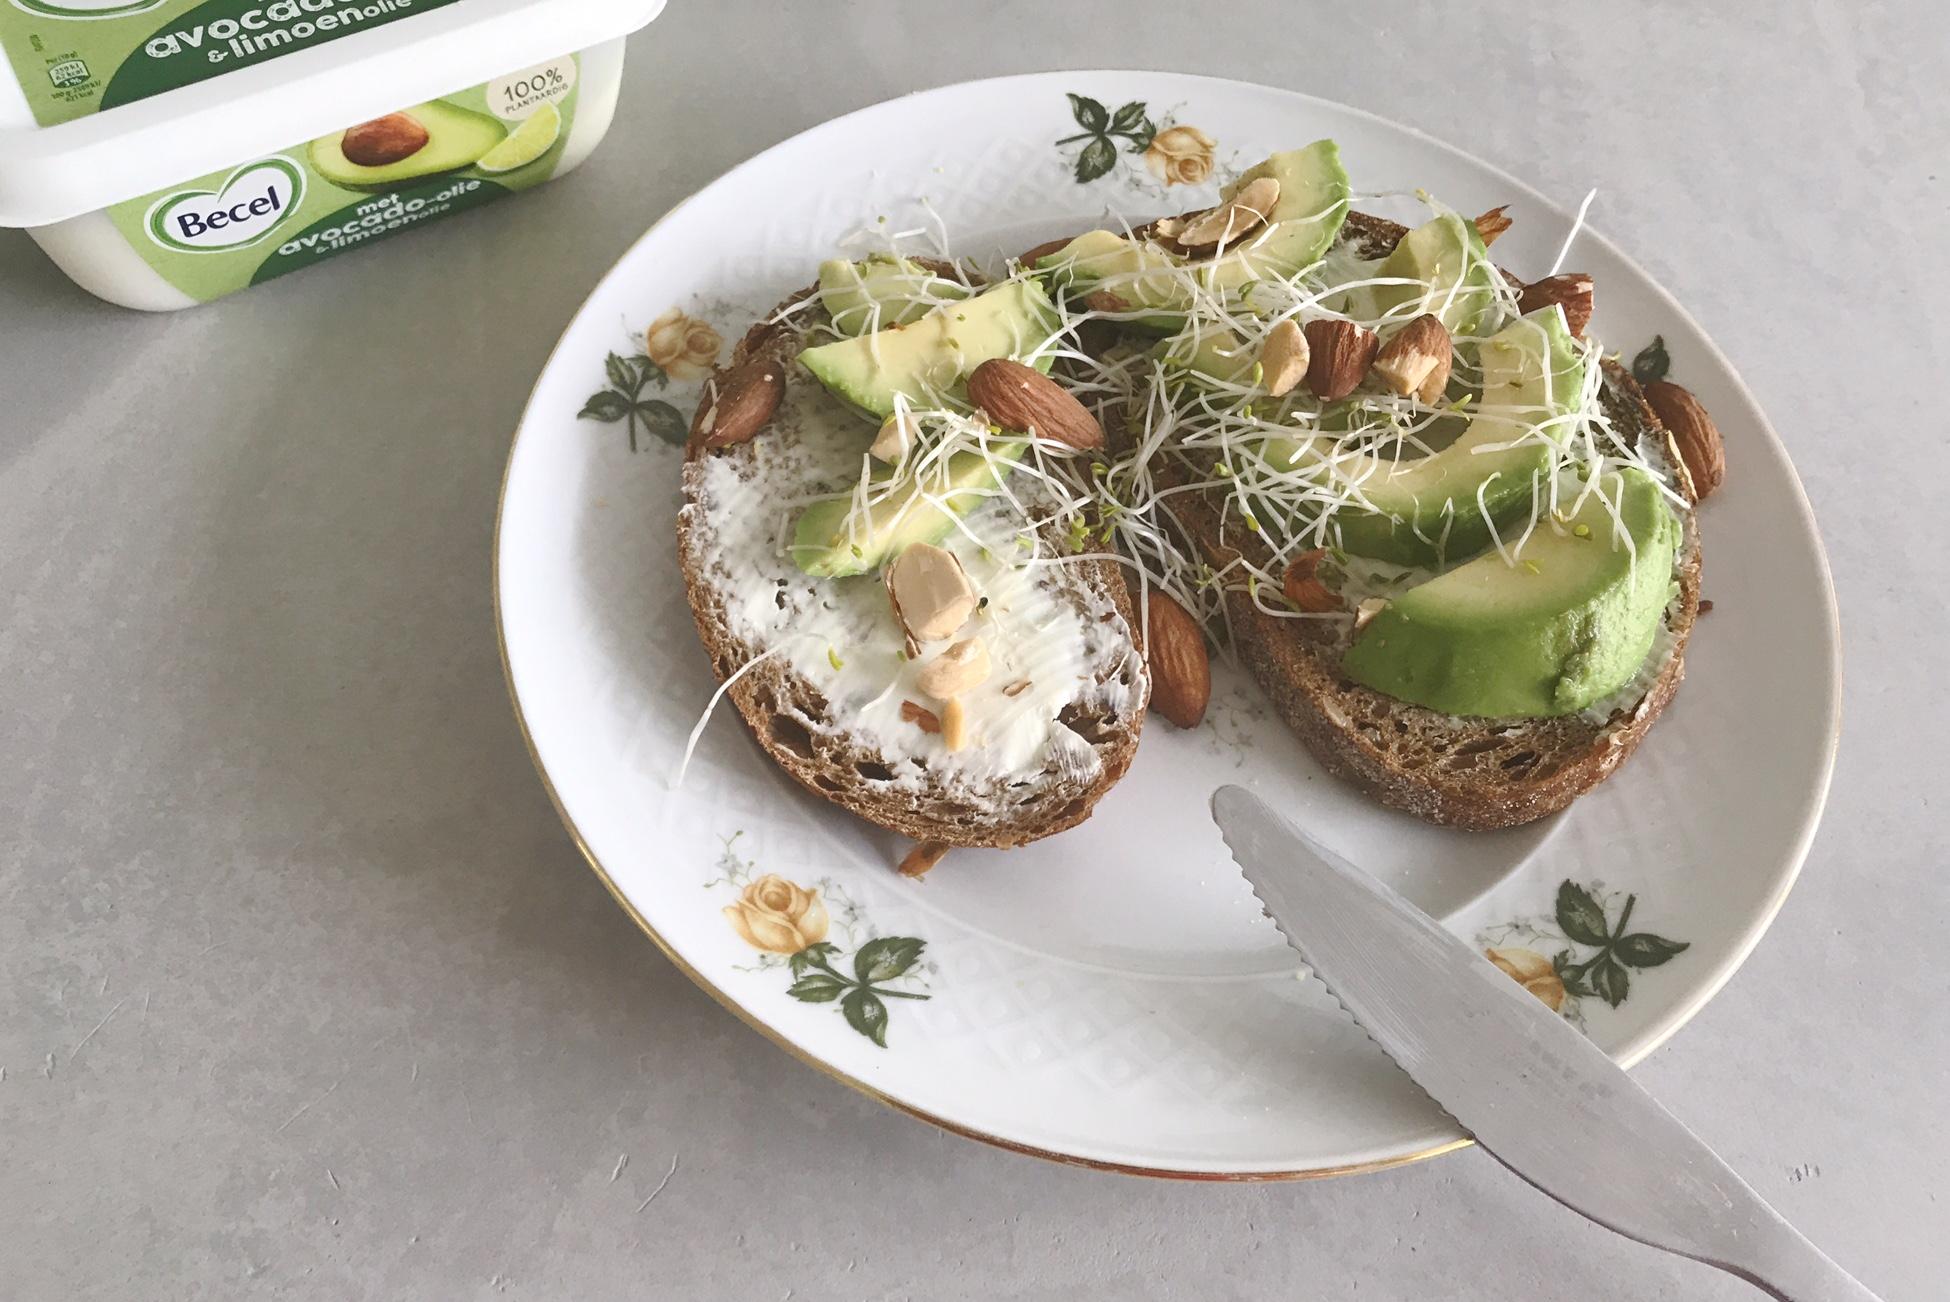 becel plantaardig ontbijten